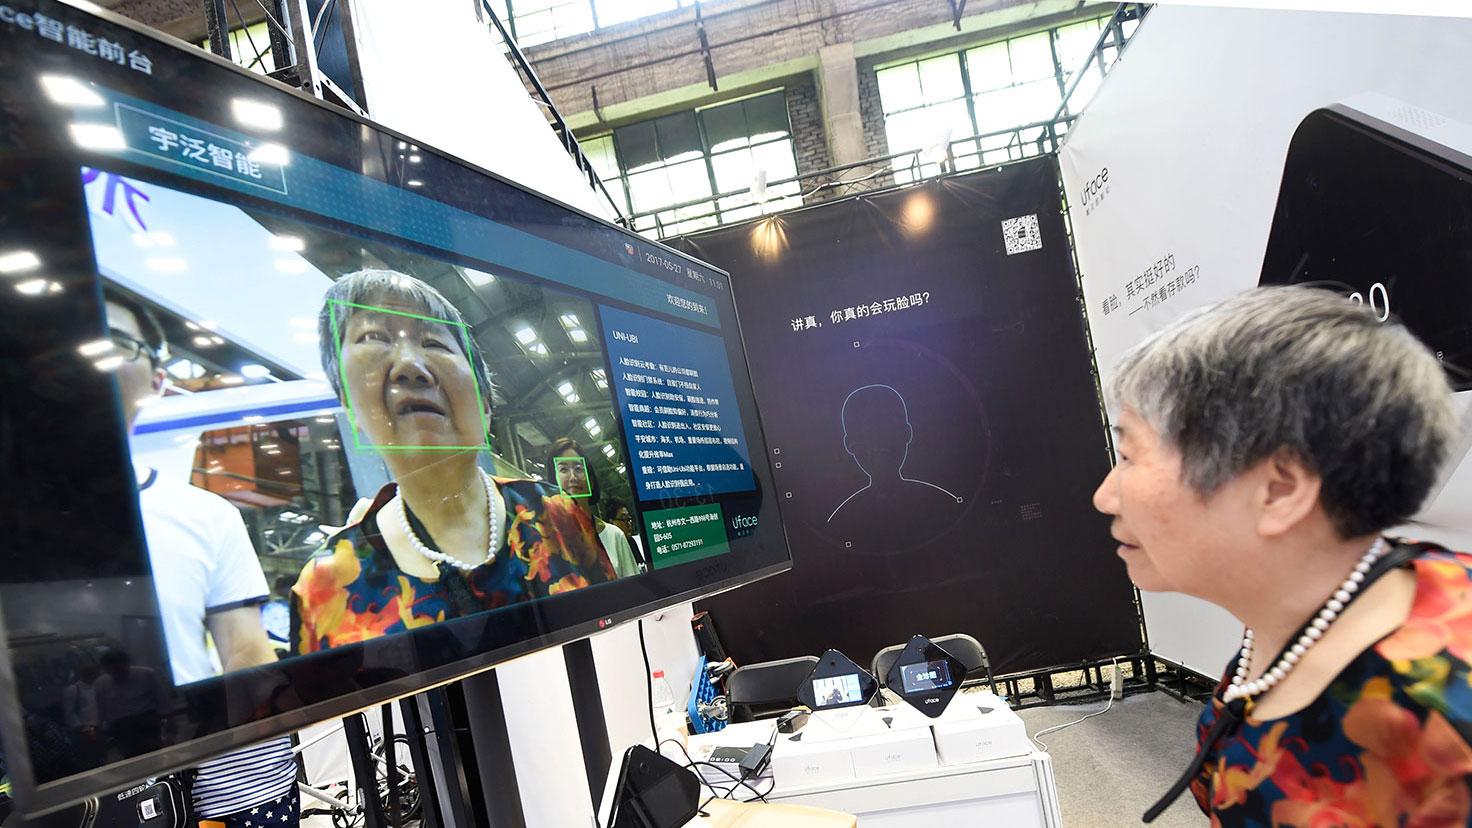 中国不少人对政府启用新手机入网引入人脸识新规定感到恐惧。(资料图/法新社)